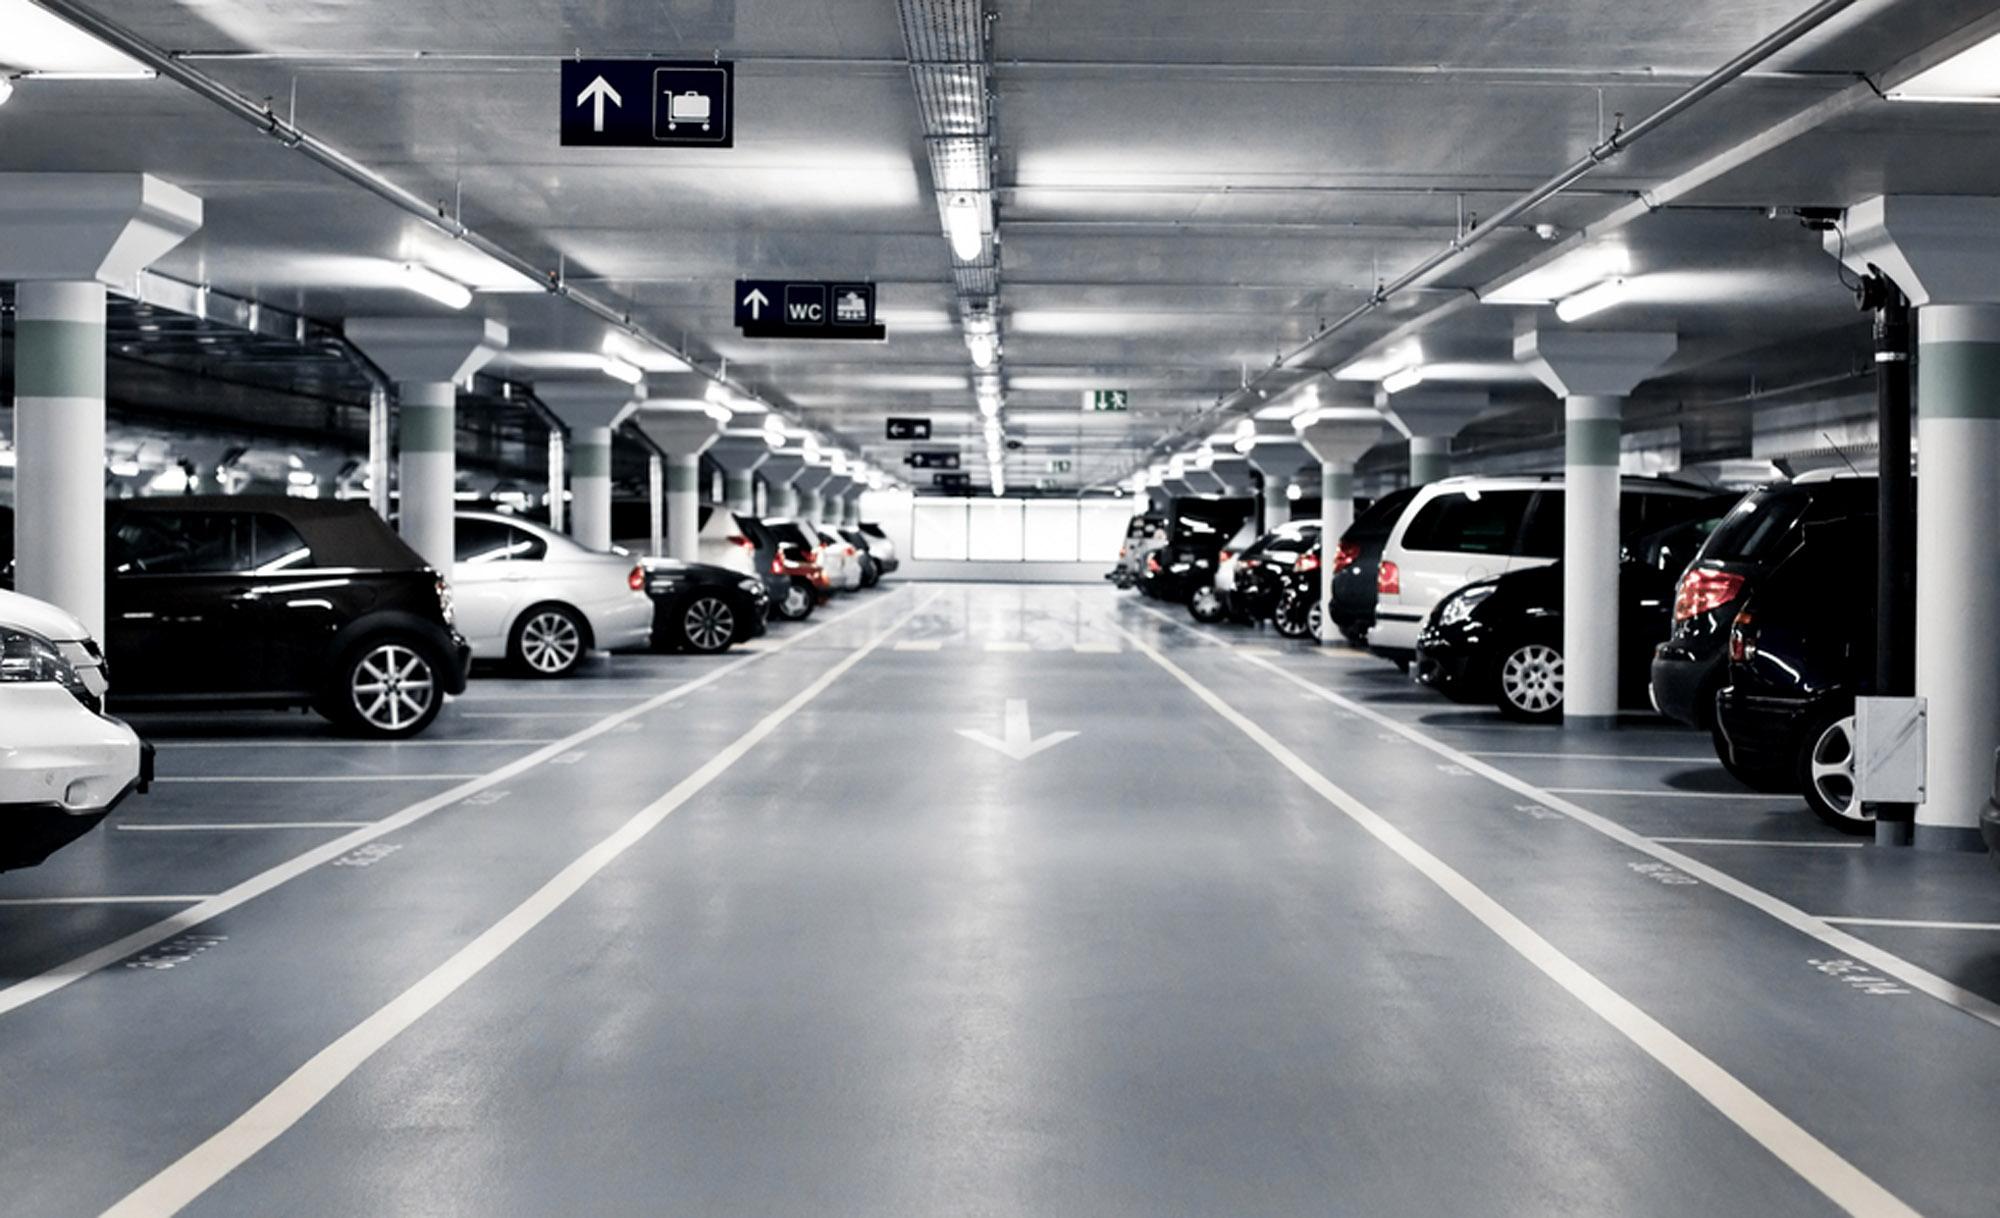 В столице уменьшилось количество авто наштрафстоянках